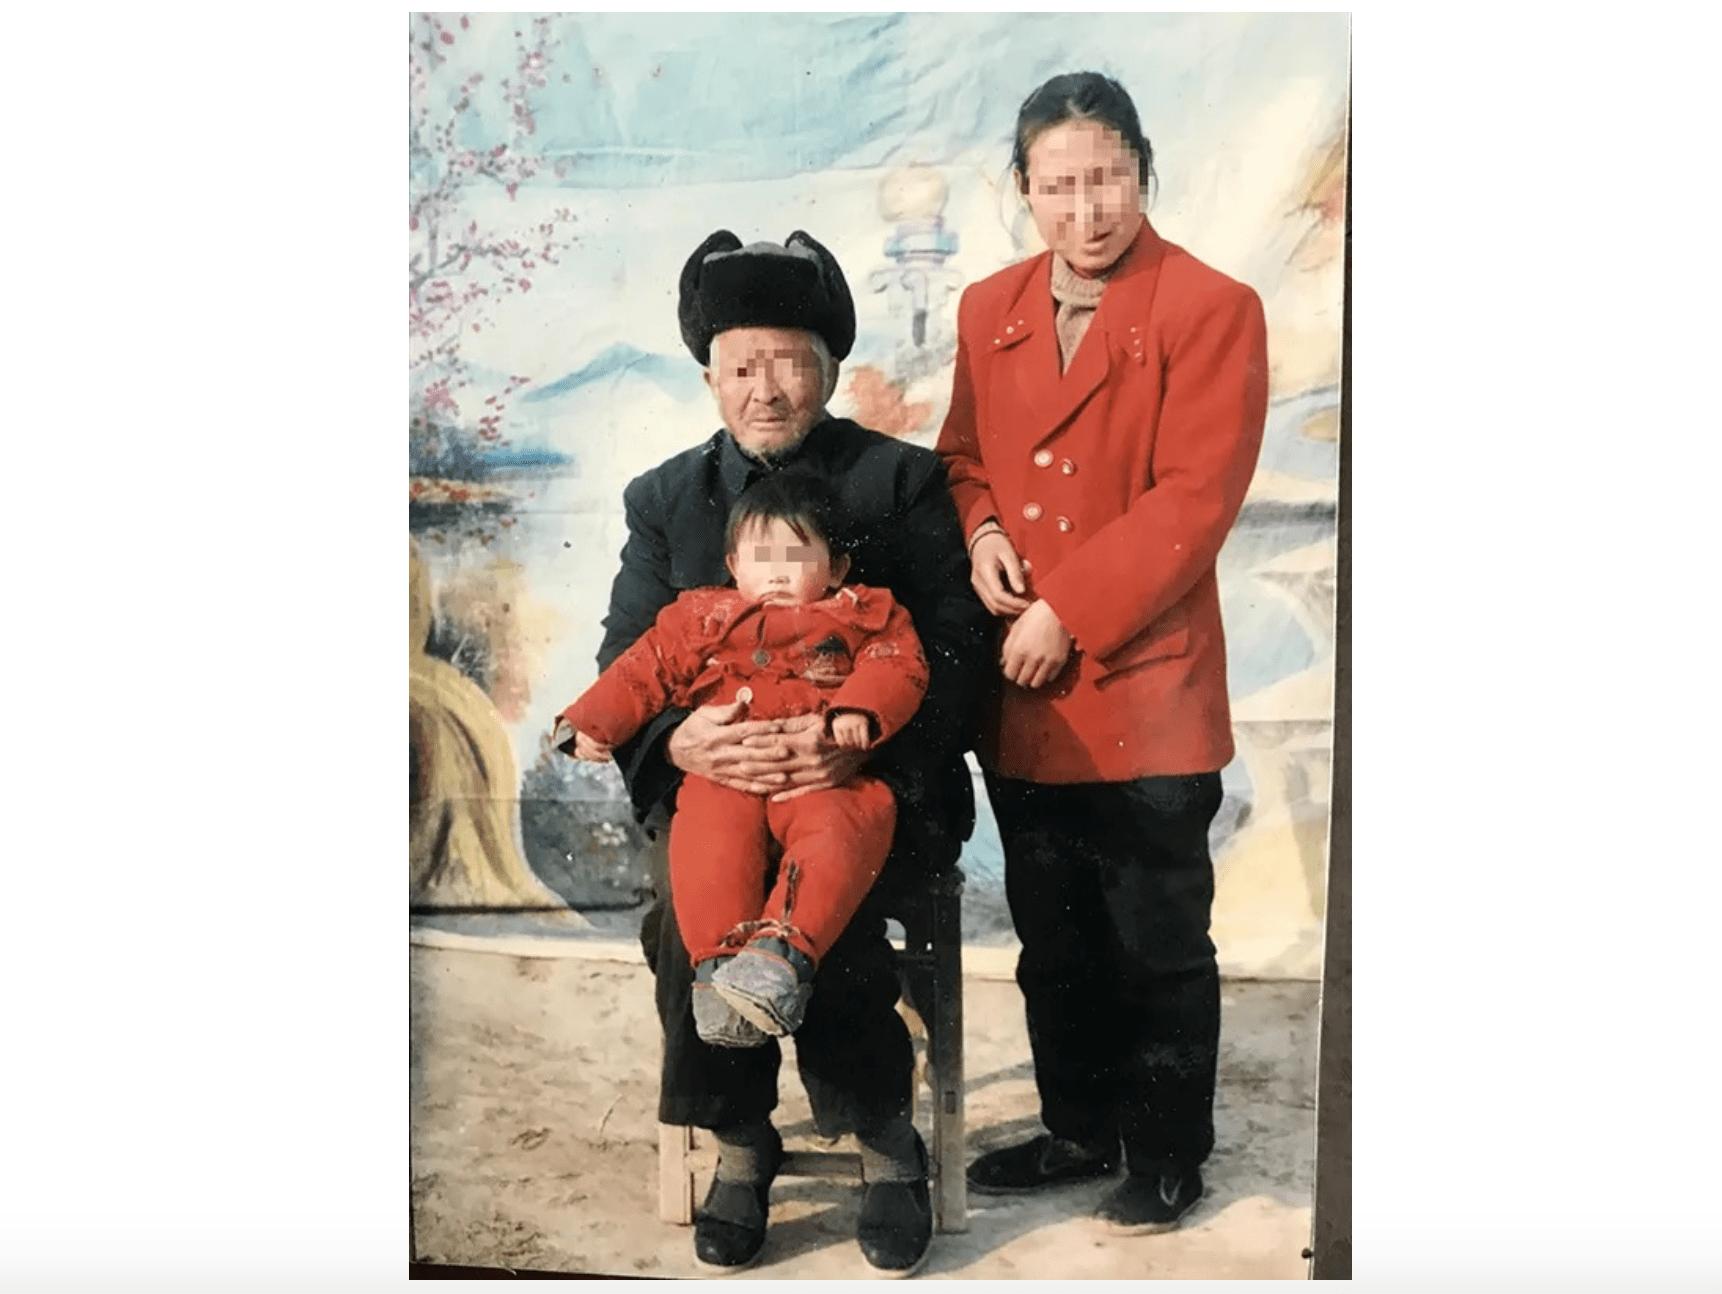 百事3注册家暴致死的山东新娘:喜欢外面世界,每年春节央求离开村庄